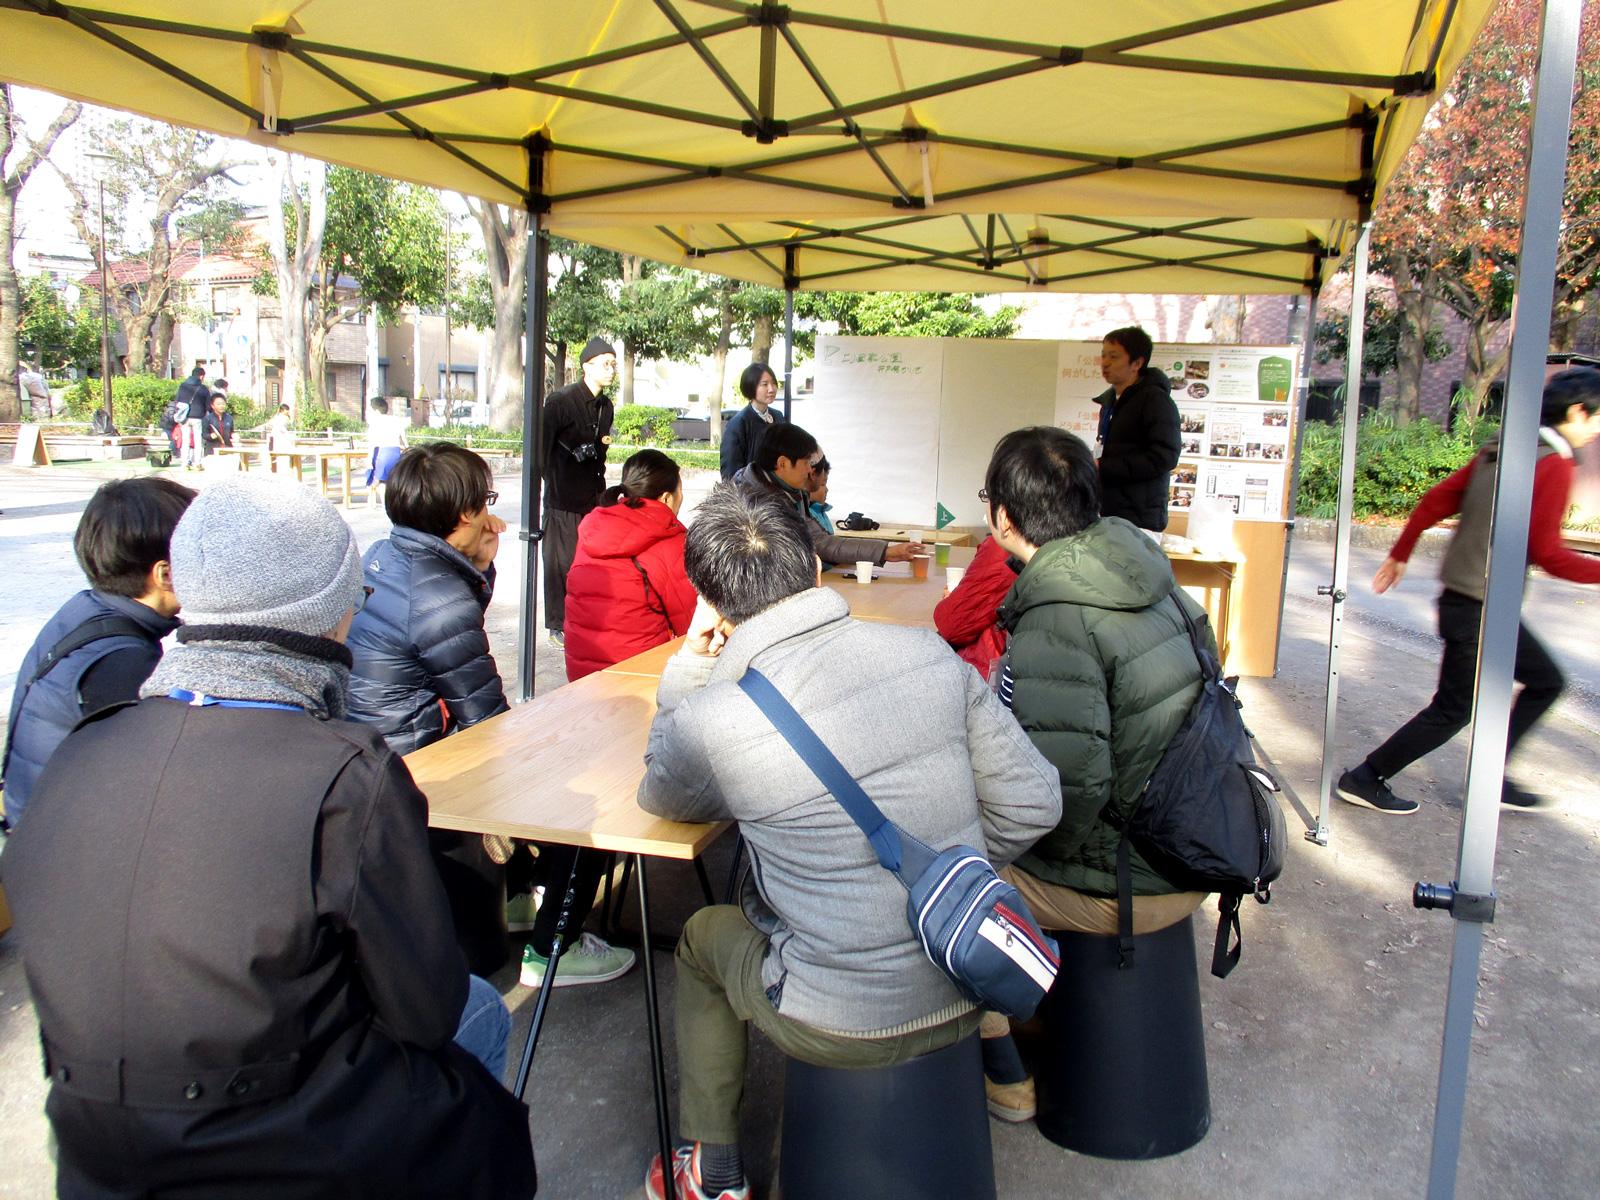 12月15日のイベントでも井戸端かいぎを開催。さまざまな意見が飛び交った。